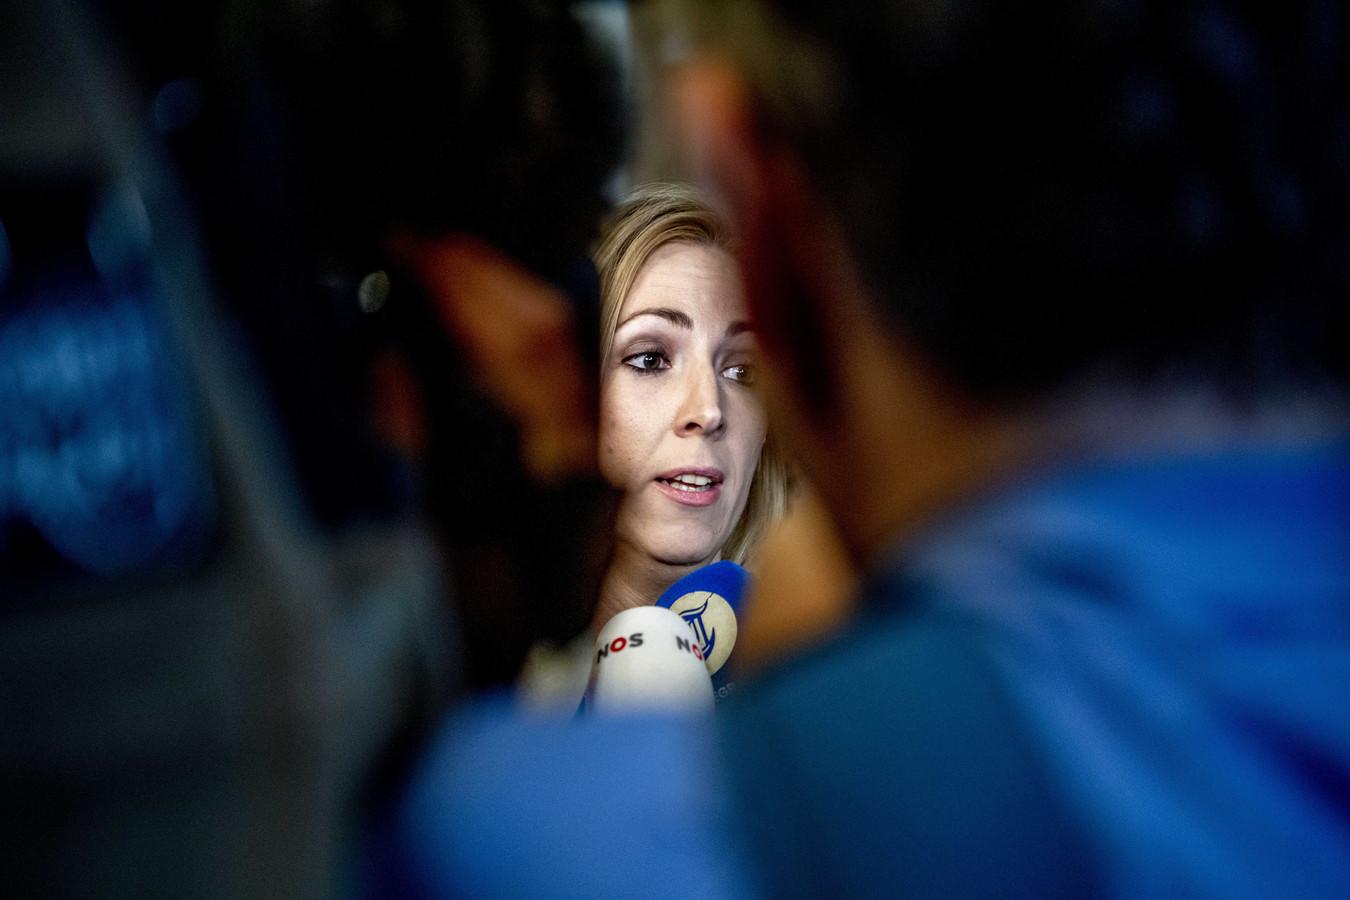 Lilian Marijnissen van de SP geeft een reactie op de teleurstellende resultaten.